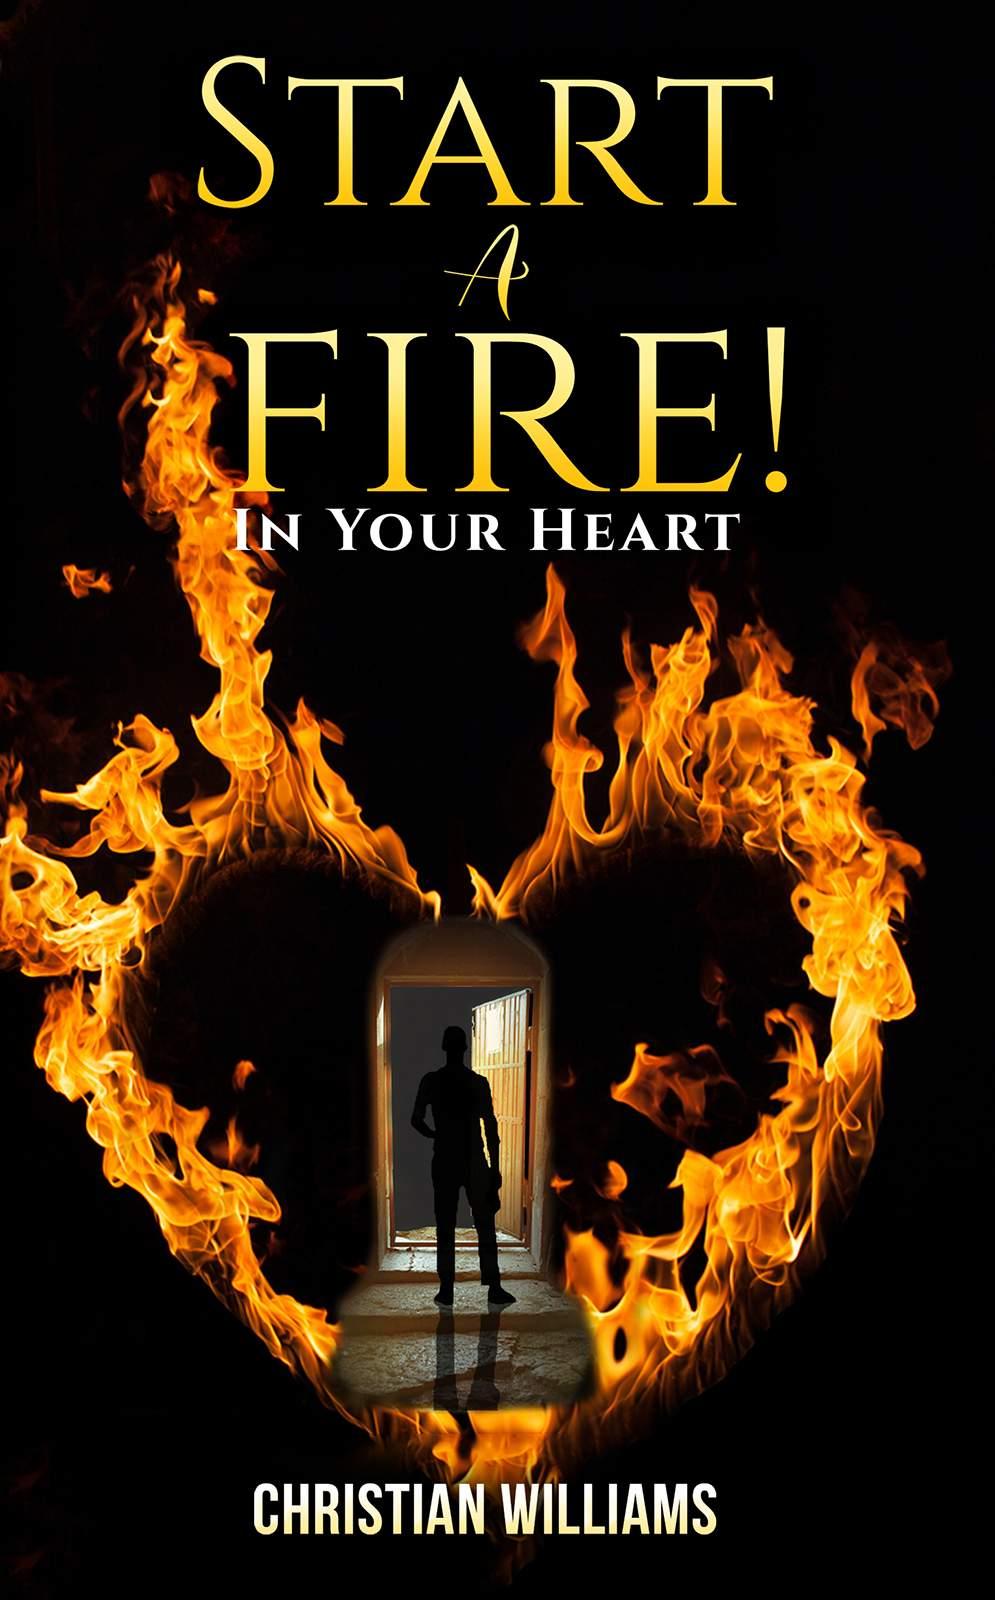 Start a Fire!